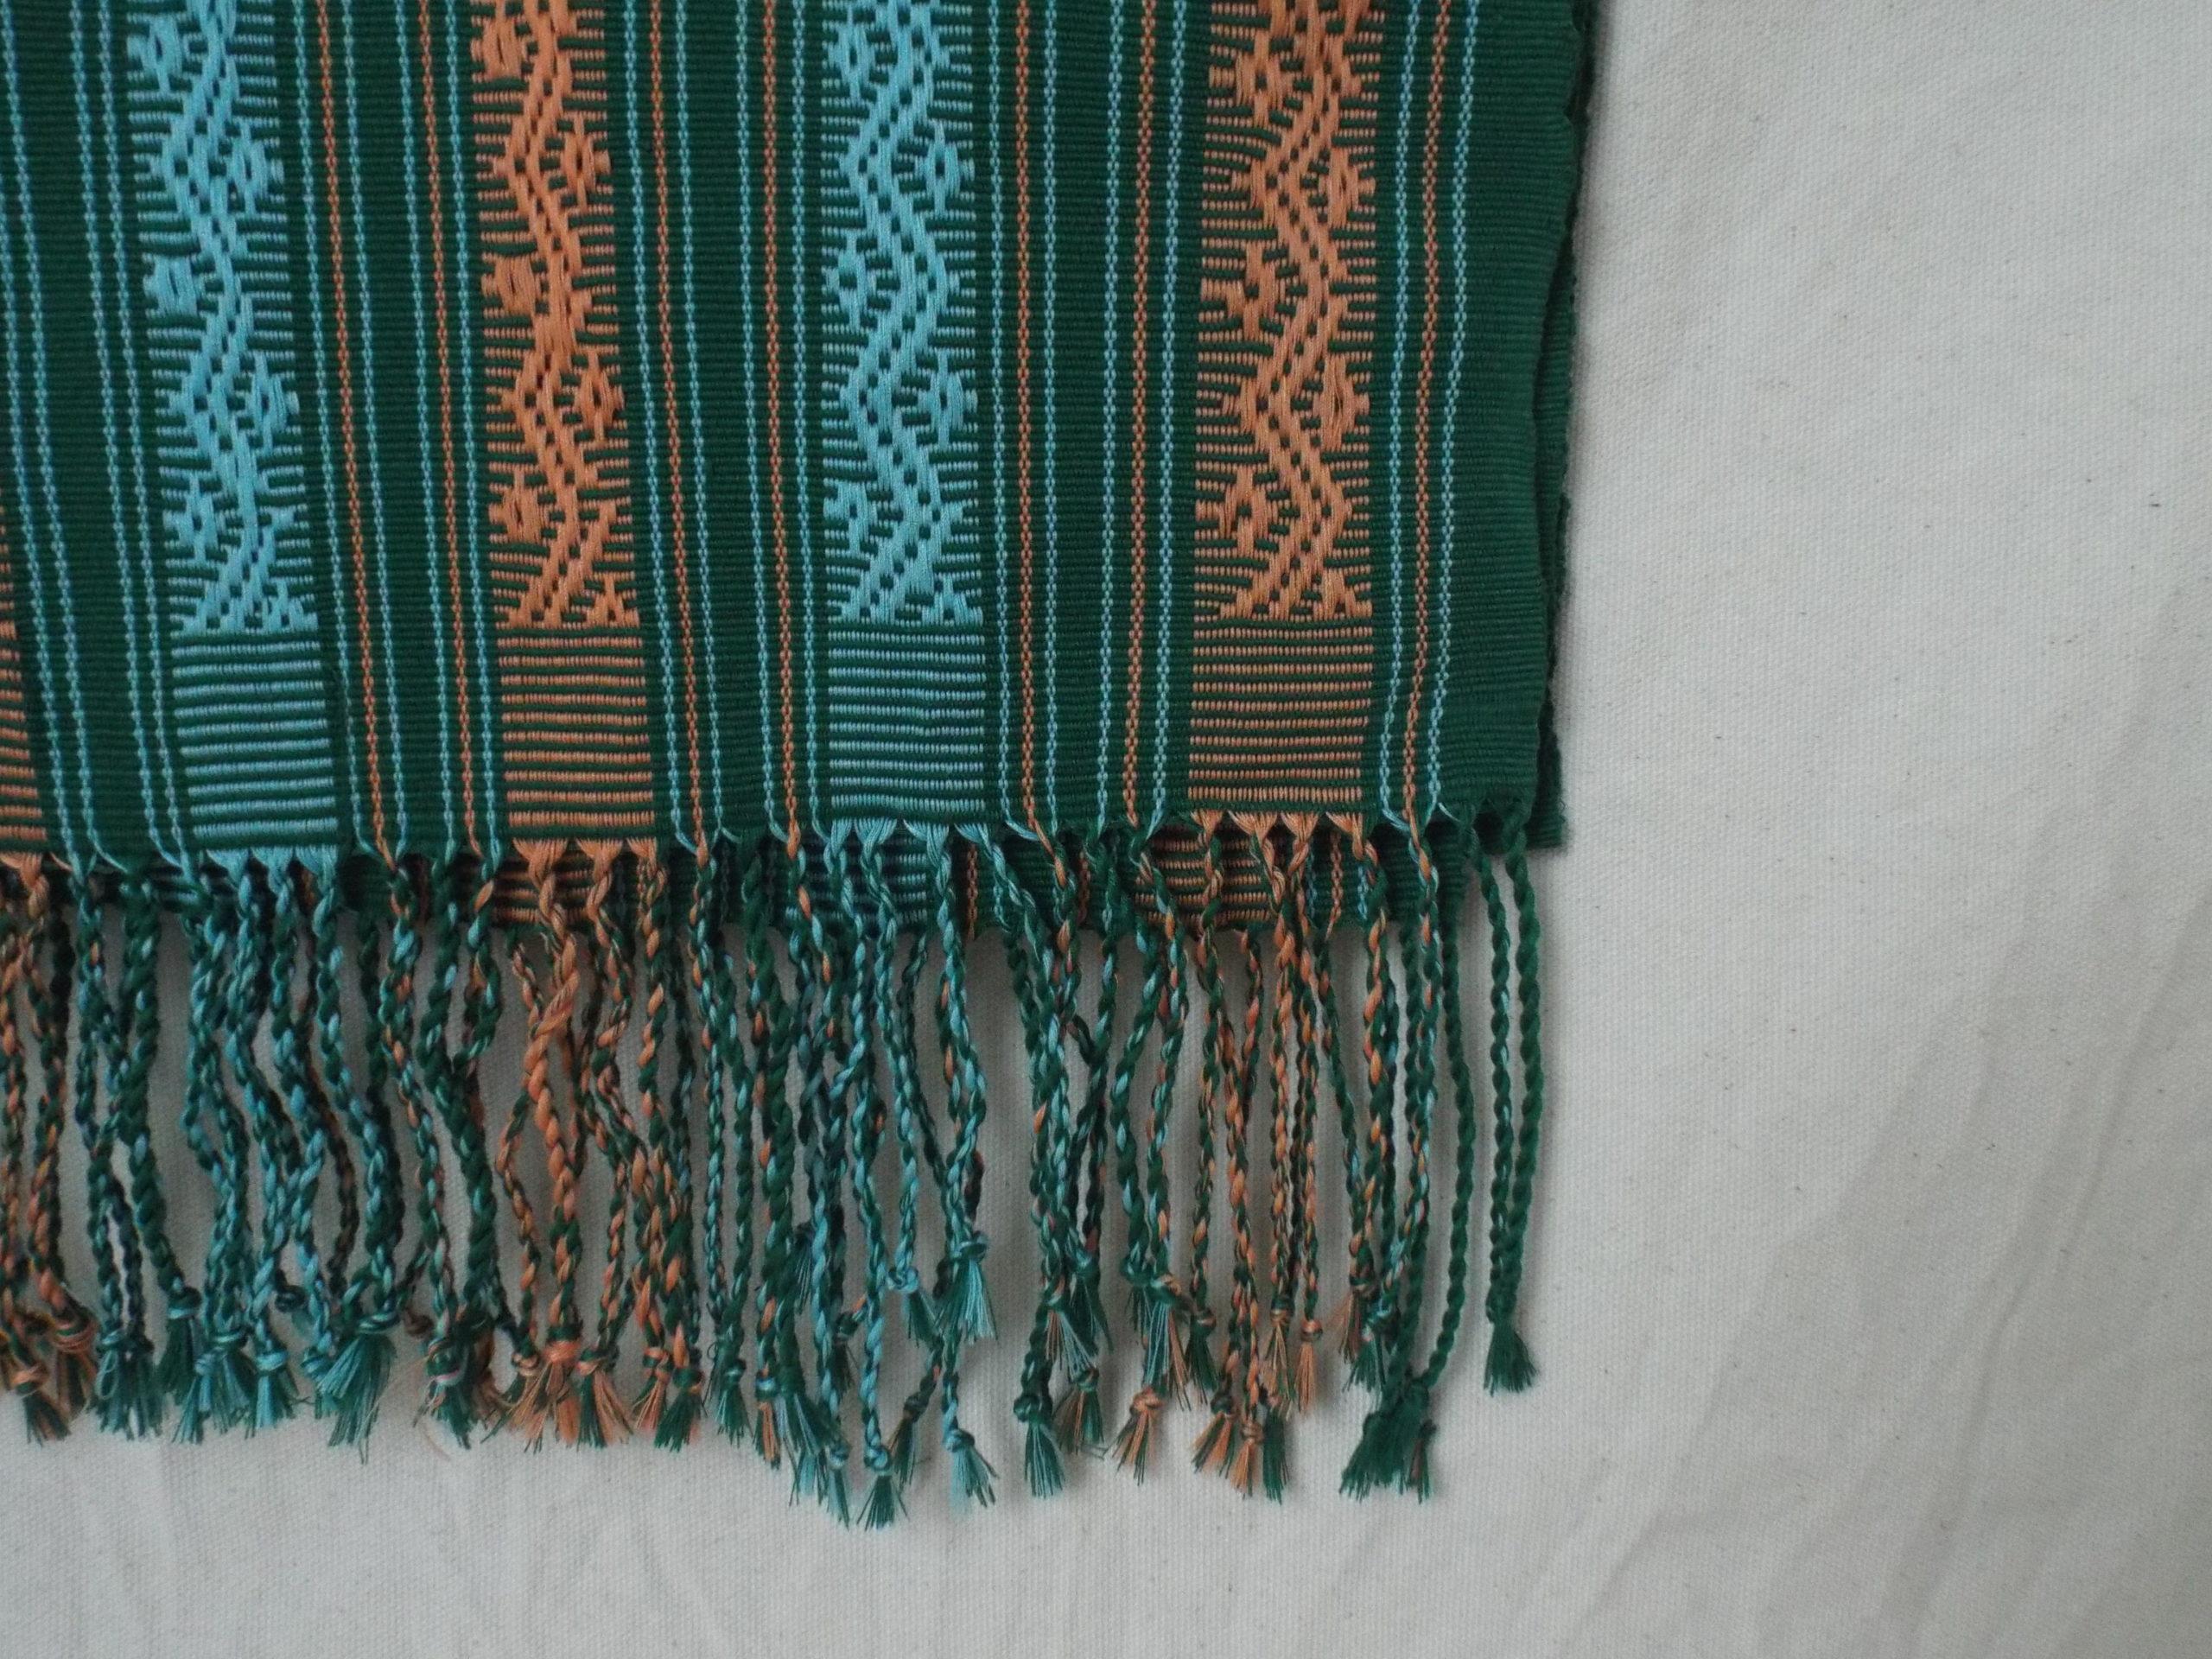 Khăn trải bàn decor nền xanh lá tươi mát có họa tiết zigzag (haraik)